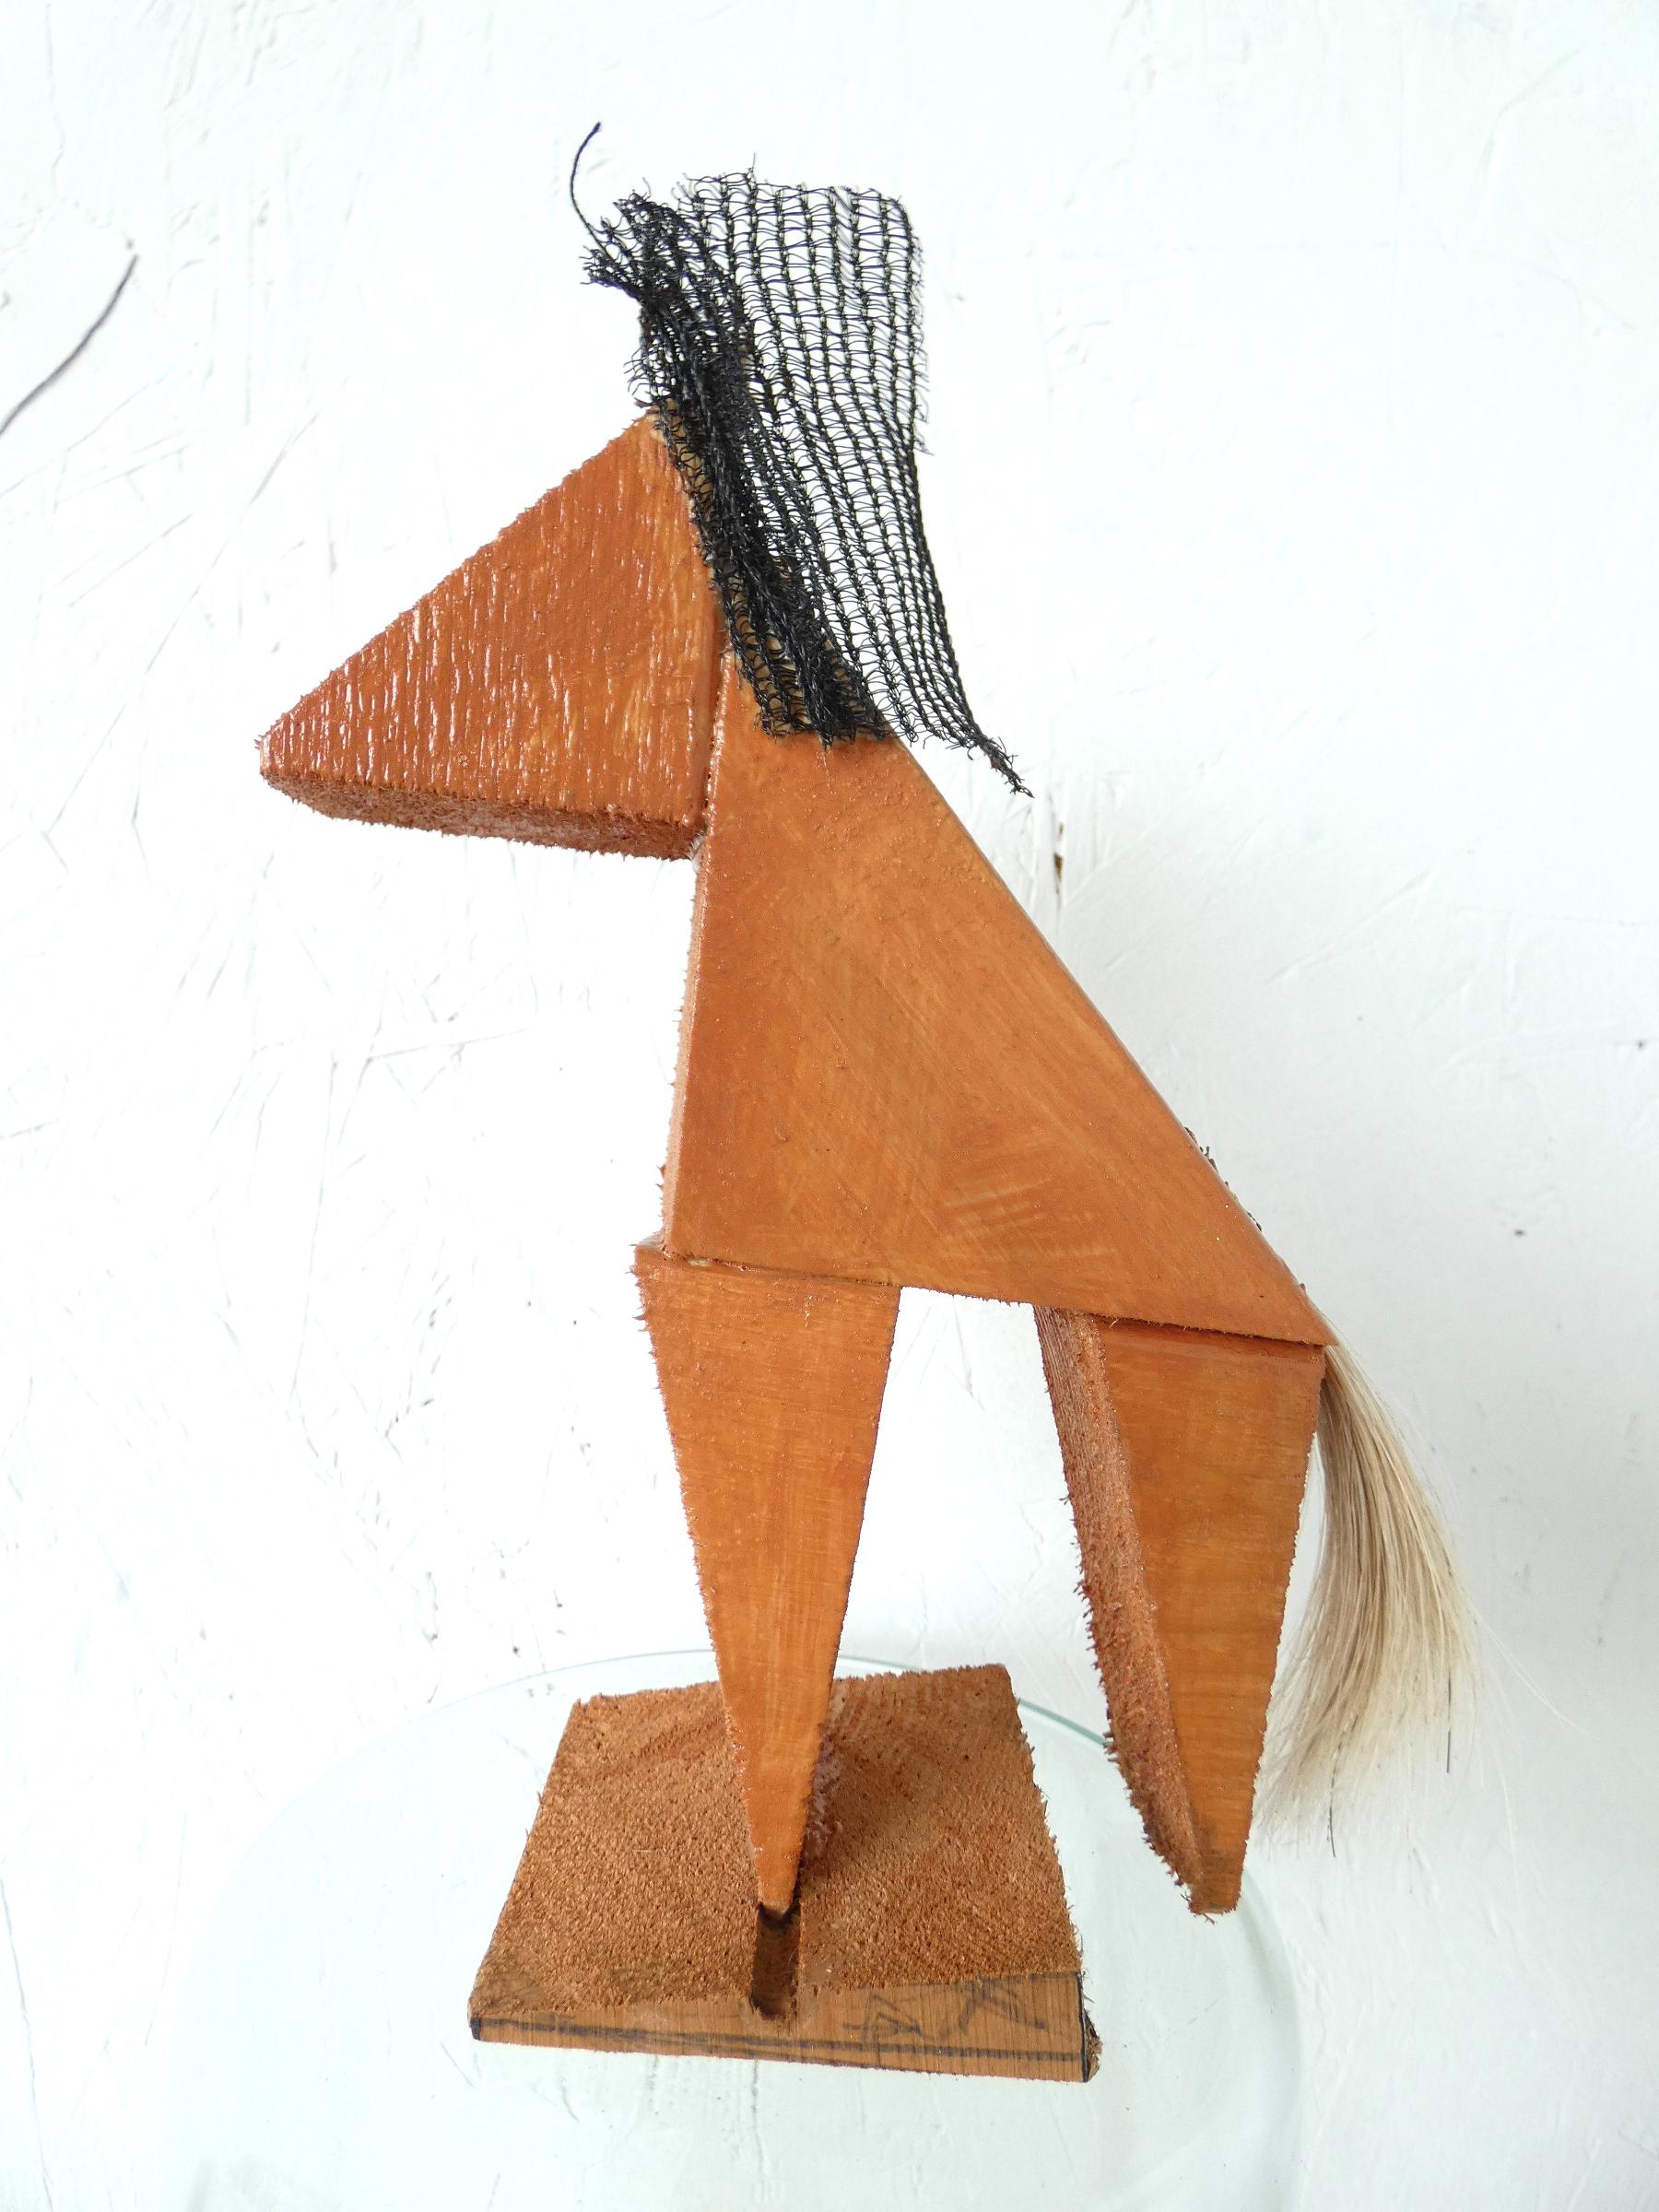 Tang paardje kunstbeeld, tang horse, paardenhaar, artwork, kunst, art, artlovers, hout, kunst kopen, artcollectors, sculpture, art at home, kunstenaar Wietske Lycklama à Nijeholt